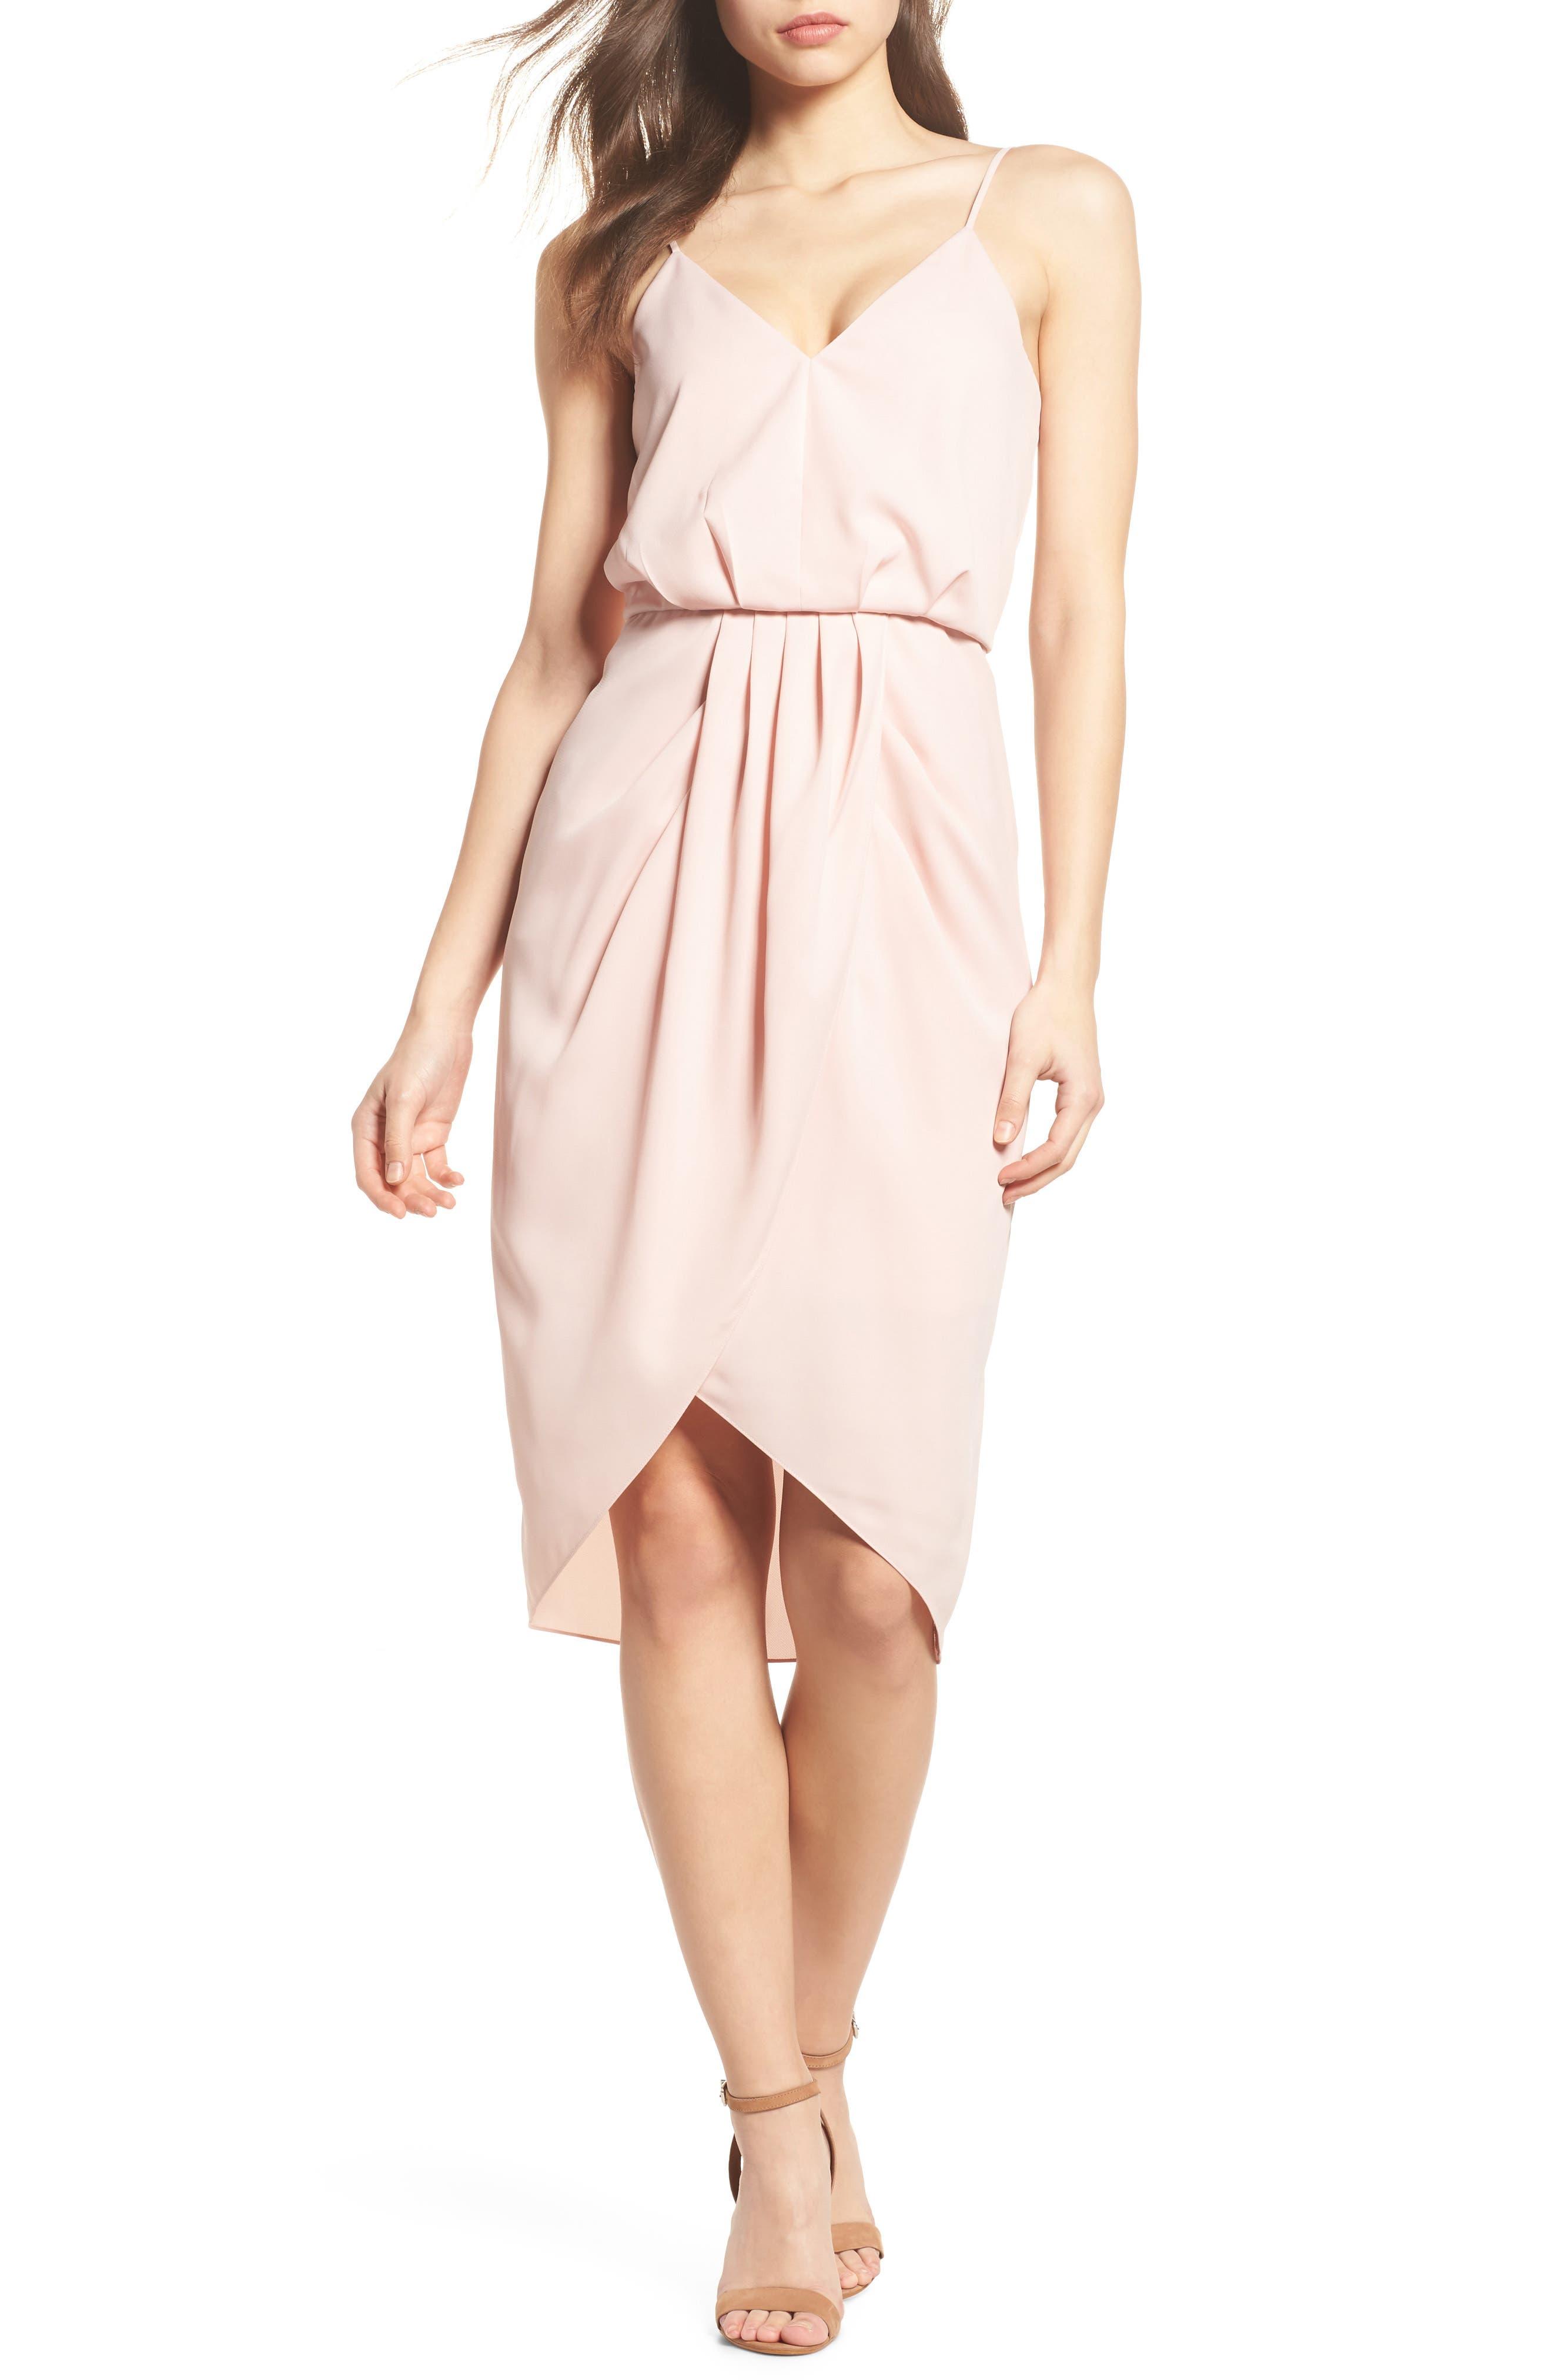 067354c991 Women s Knee-Length Dresses